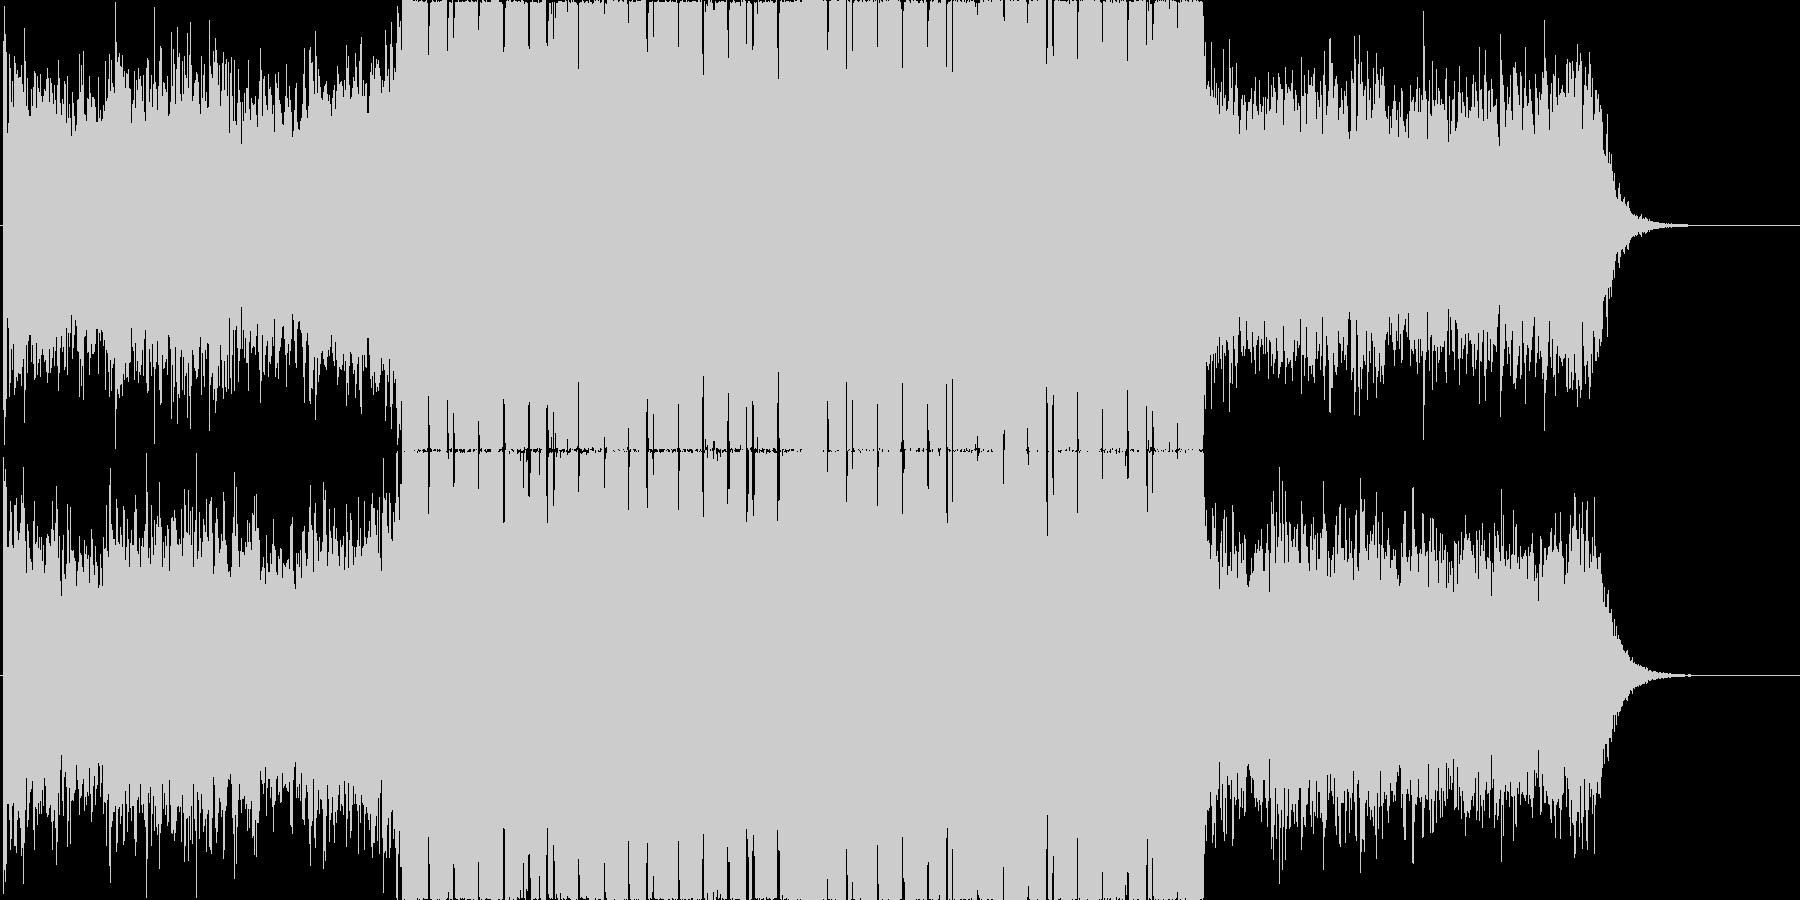 青い共鳴 / ダウンテンポ・チルアウトの未再生の波形